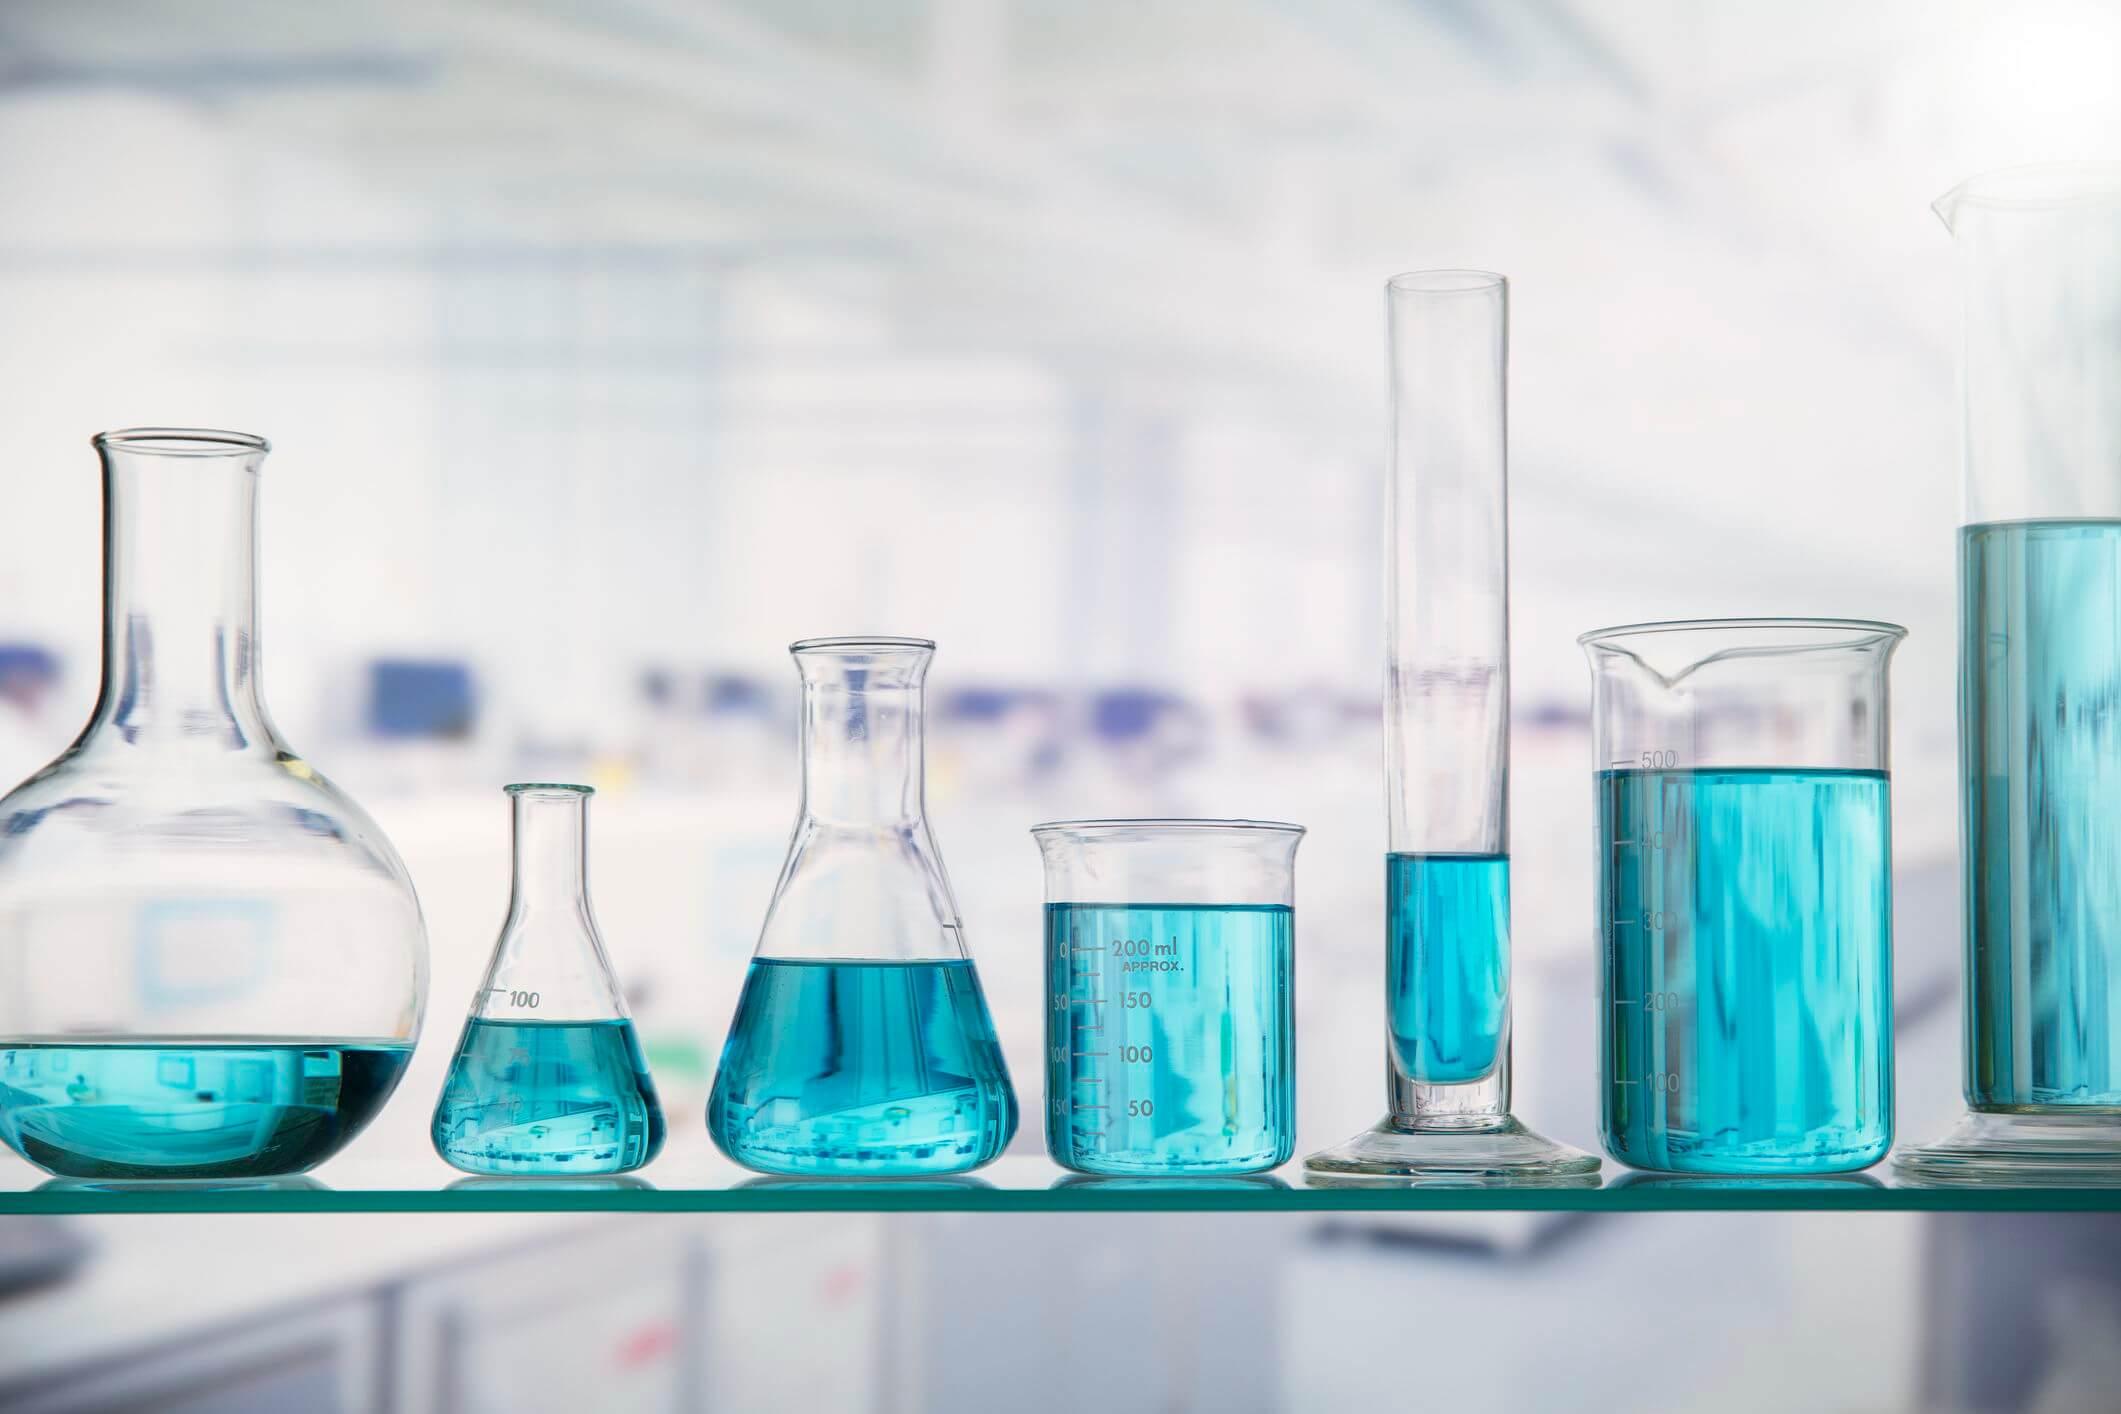 Axit Metacrylic là gì? Cách điều chế, phản ứng và ứng dụng chất